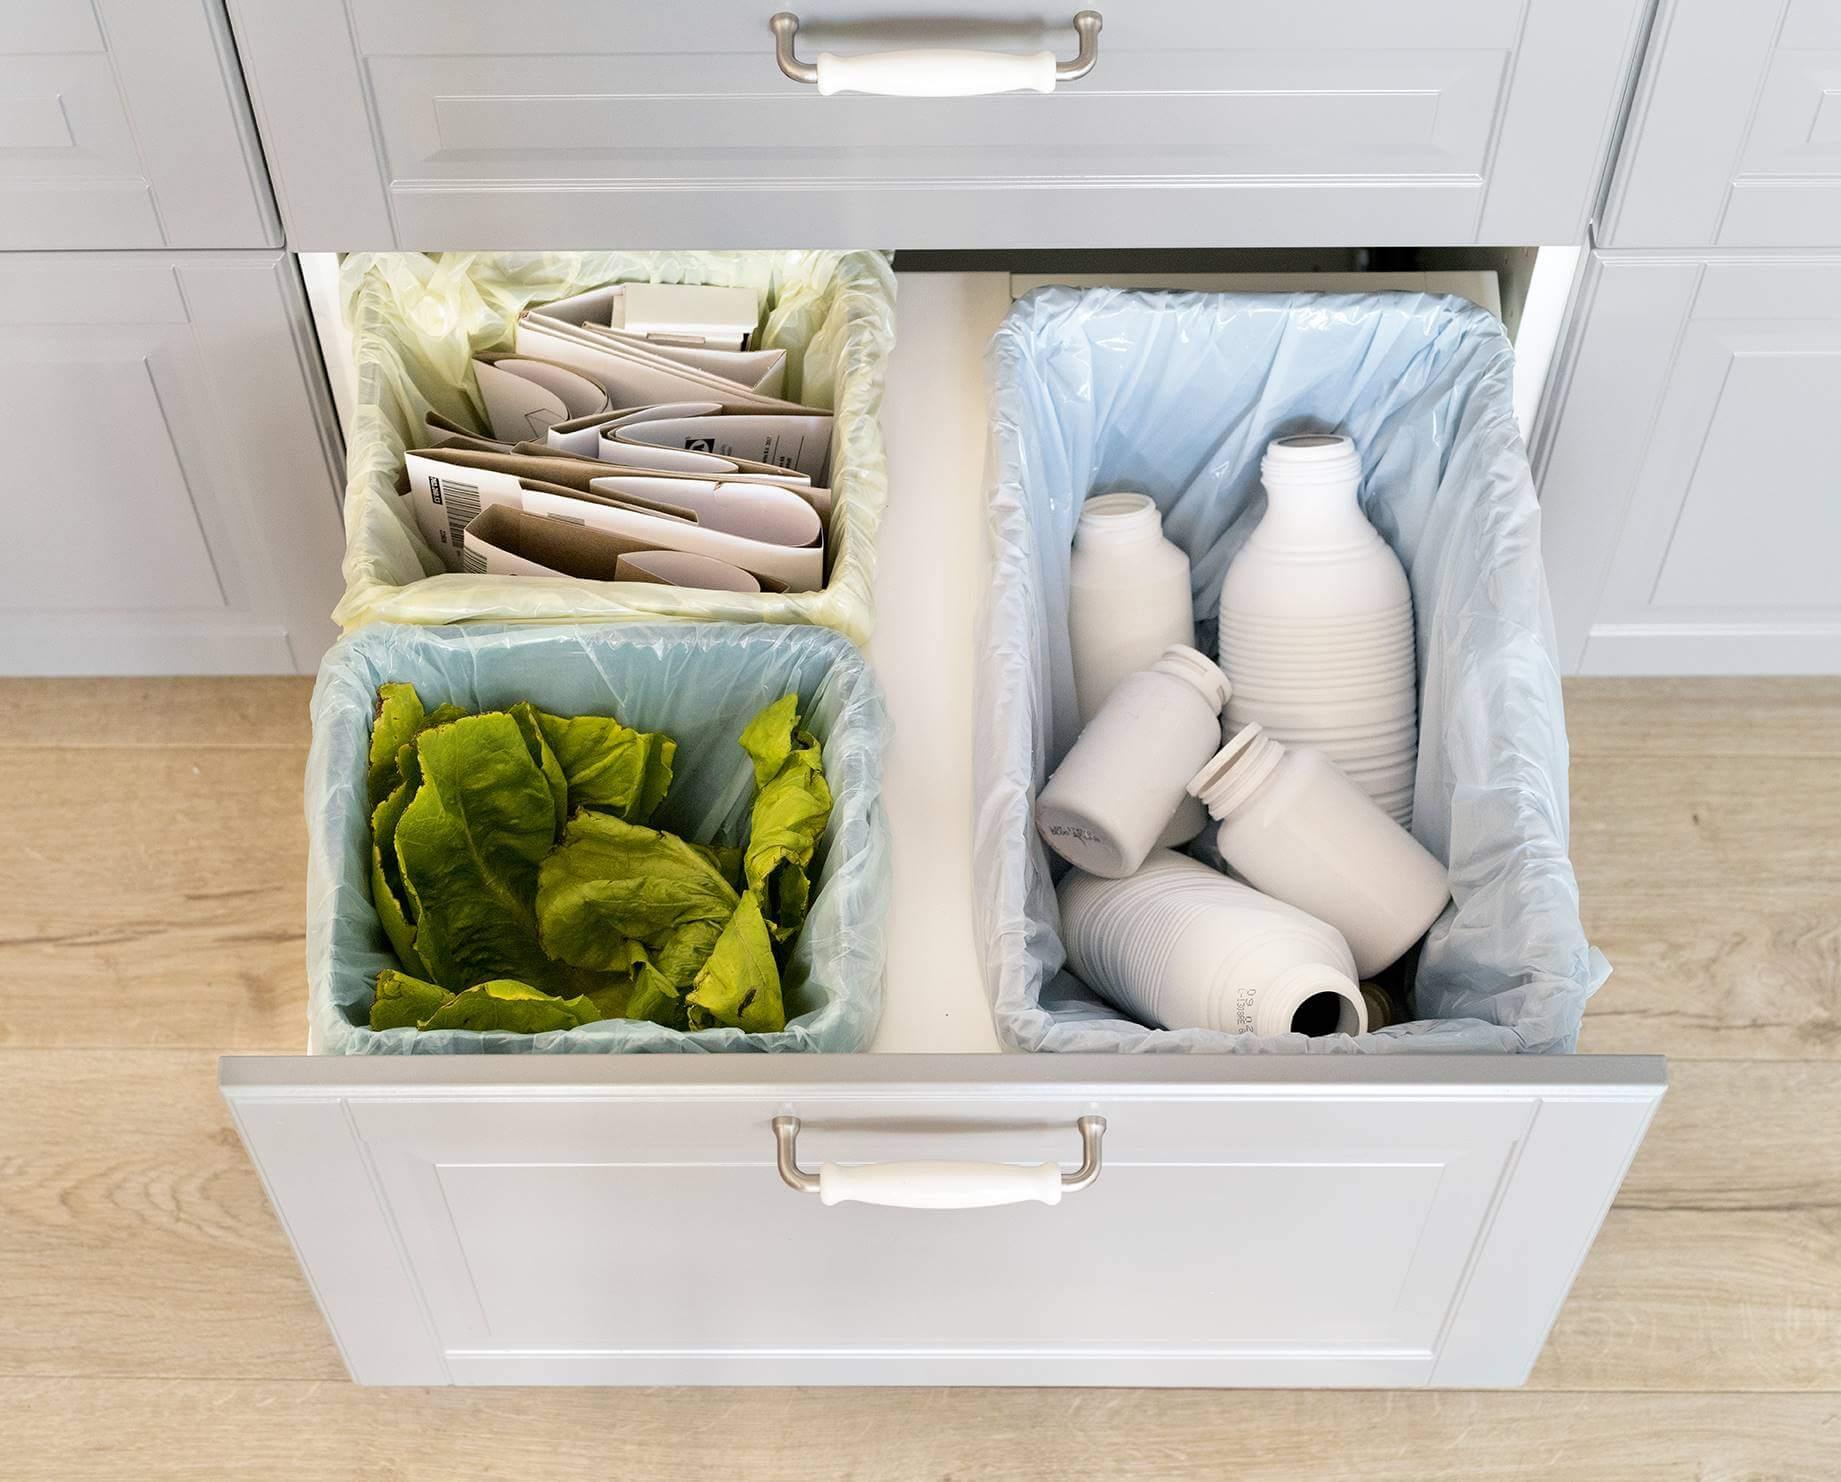 Сортировка мусора на кухне